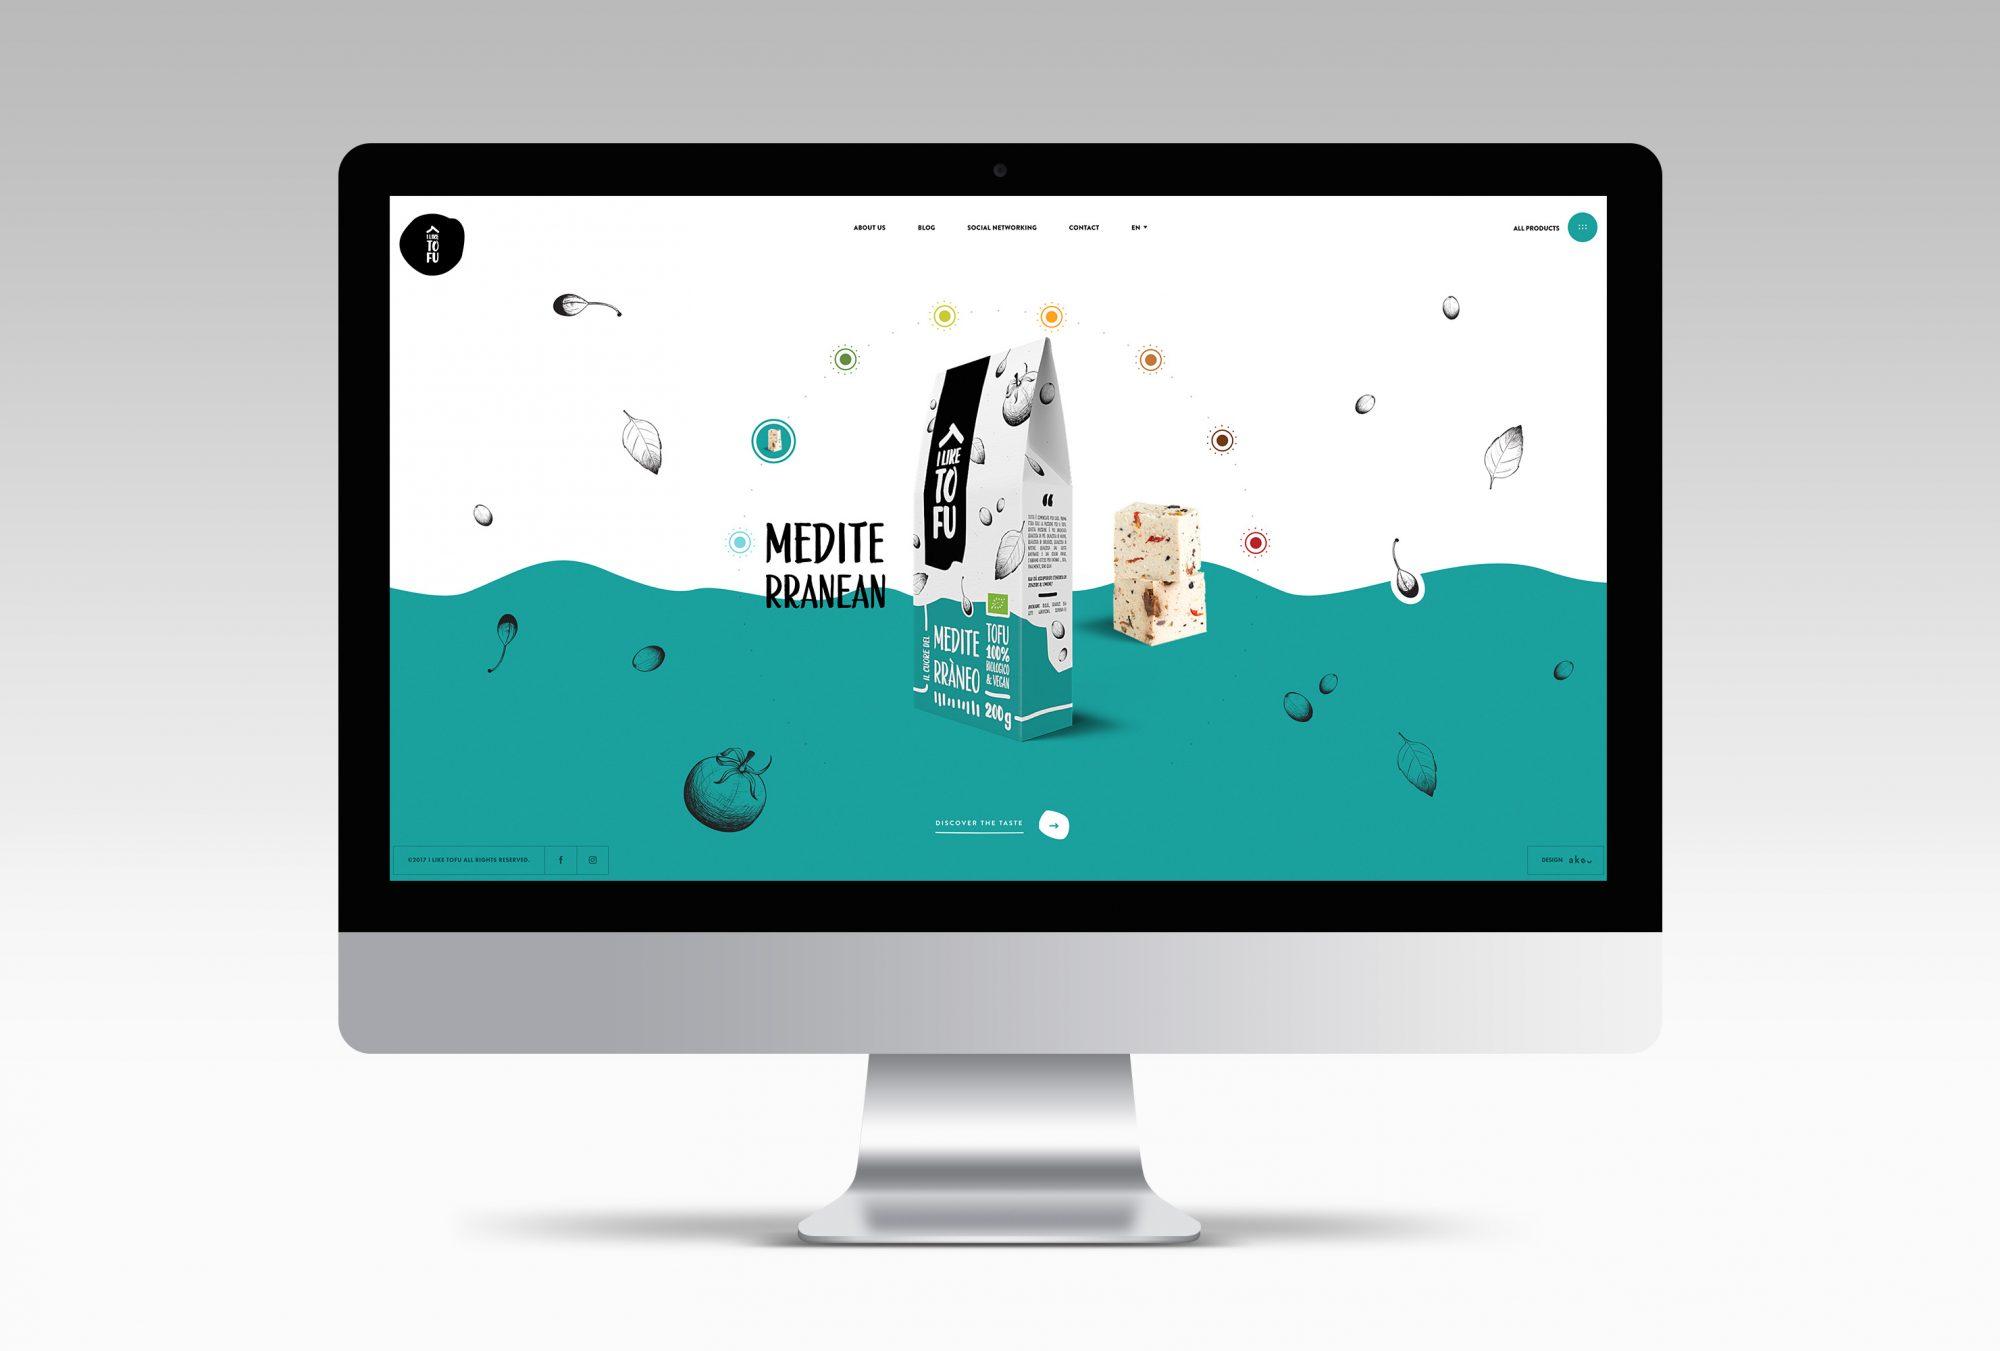 Webdesign originaux #6